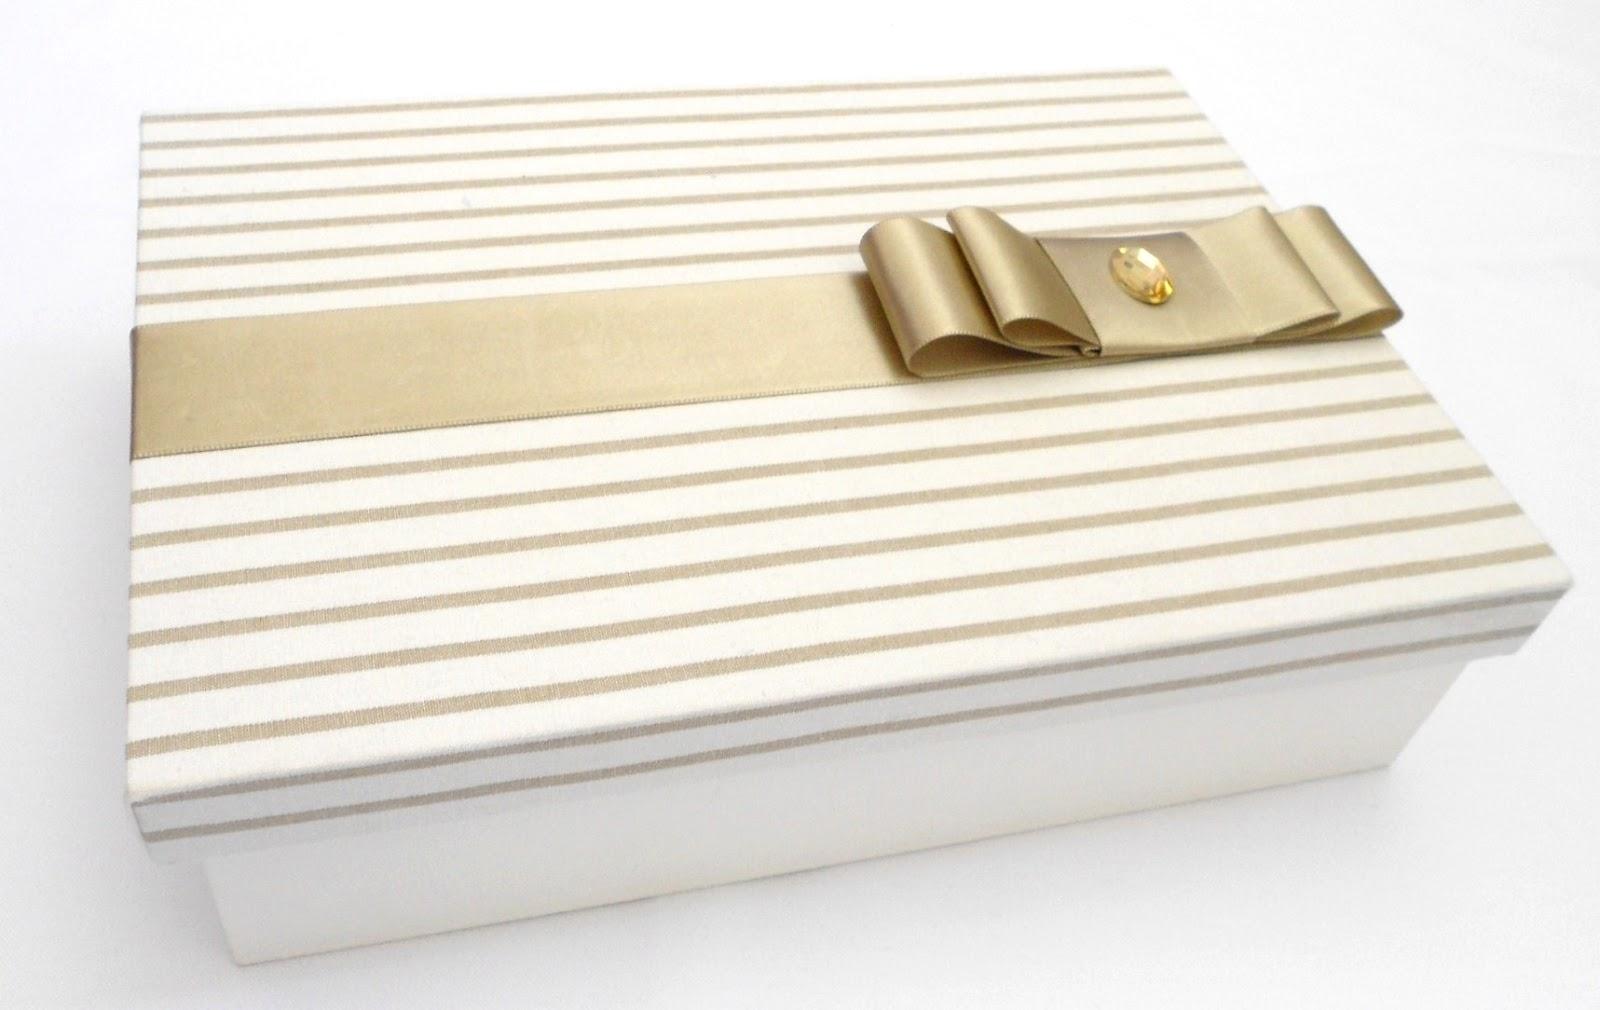 caixa de madeira forrada em tecido para lembrança de batizado ou #472D0E 1600x1010